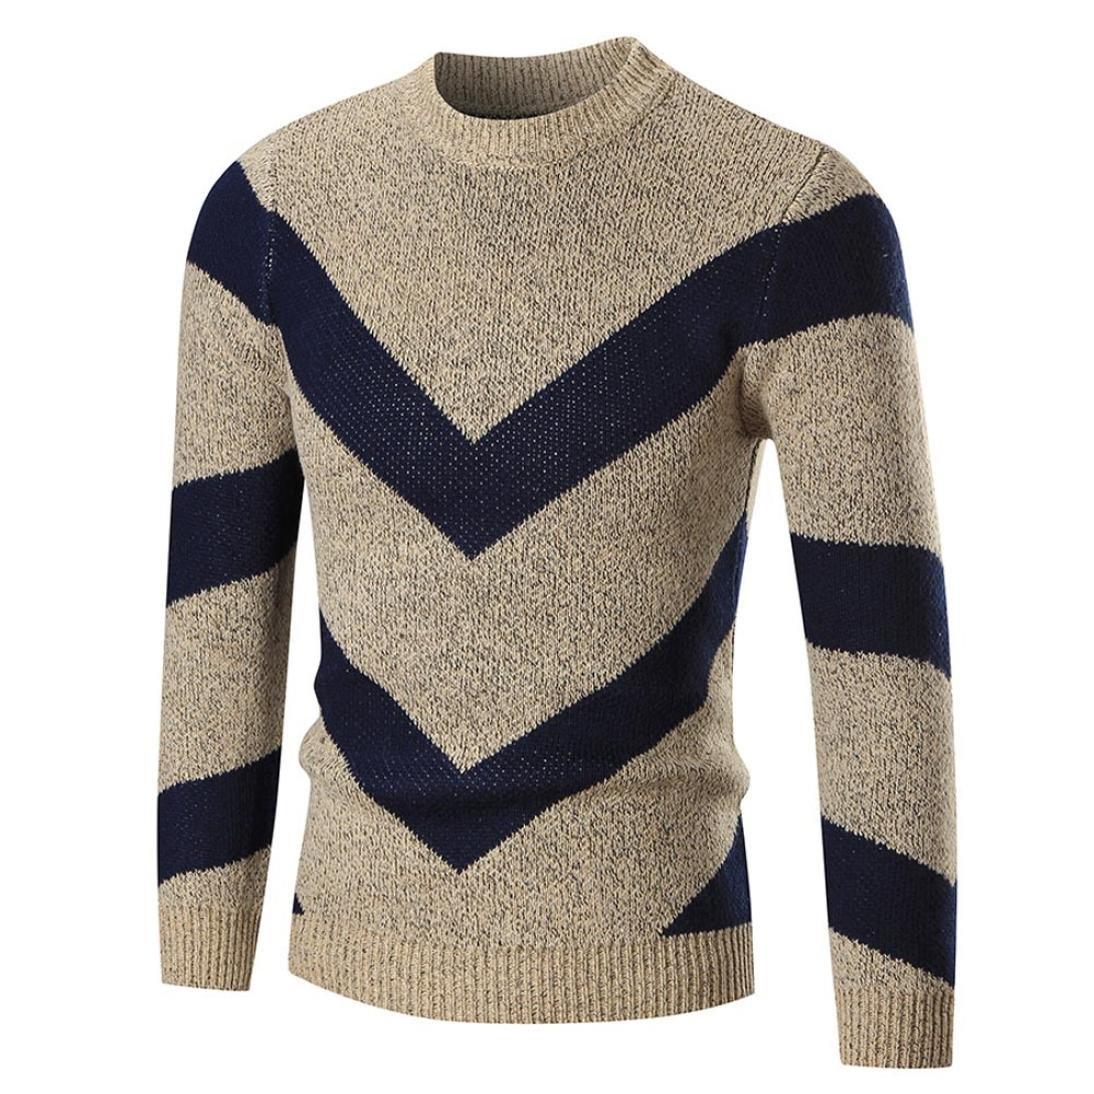 Hot Sales,Yang-Yi 2017 Men's Autumn Winter Sweater Pullover Slim Jumper Knitwear Outwear (Khaki, L)